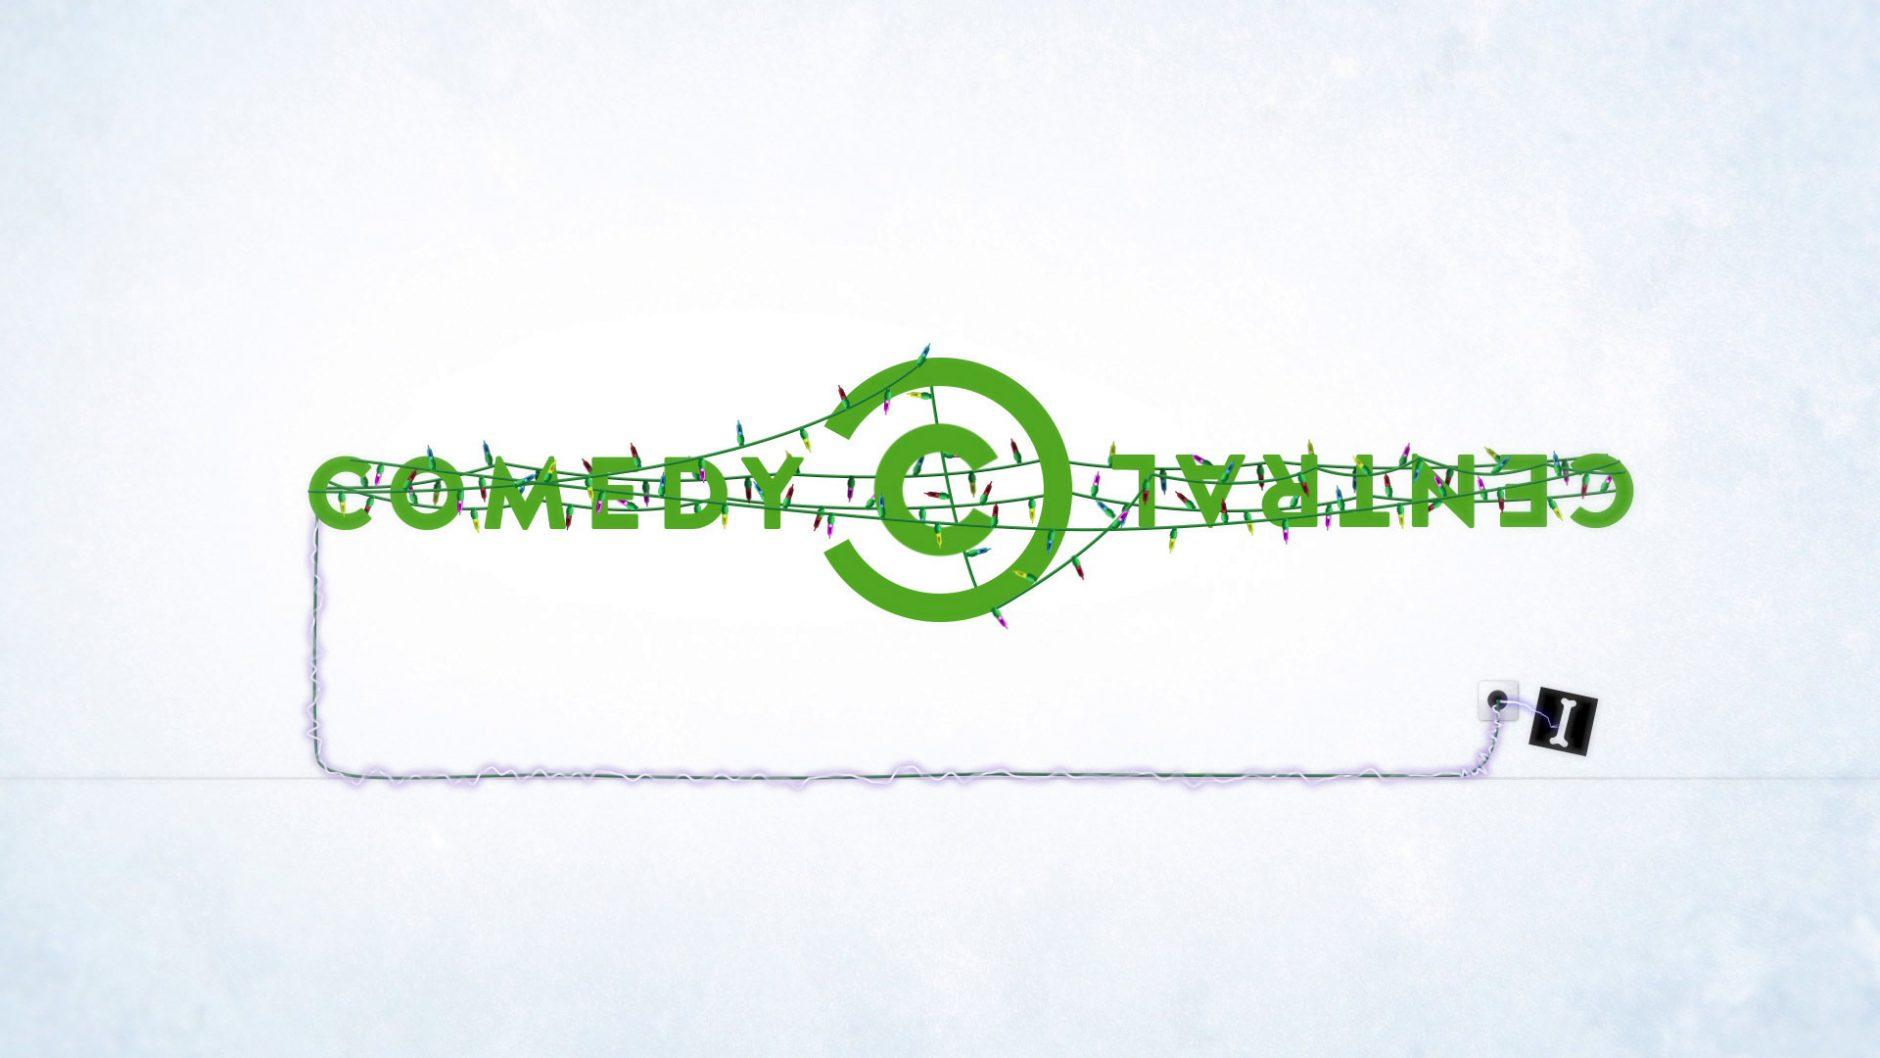 Lichterkette, Geschenkpapier und andere weihnachtlich-winterliche Elemente verhingen das Comedy Central Logo im Christmas Design